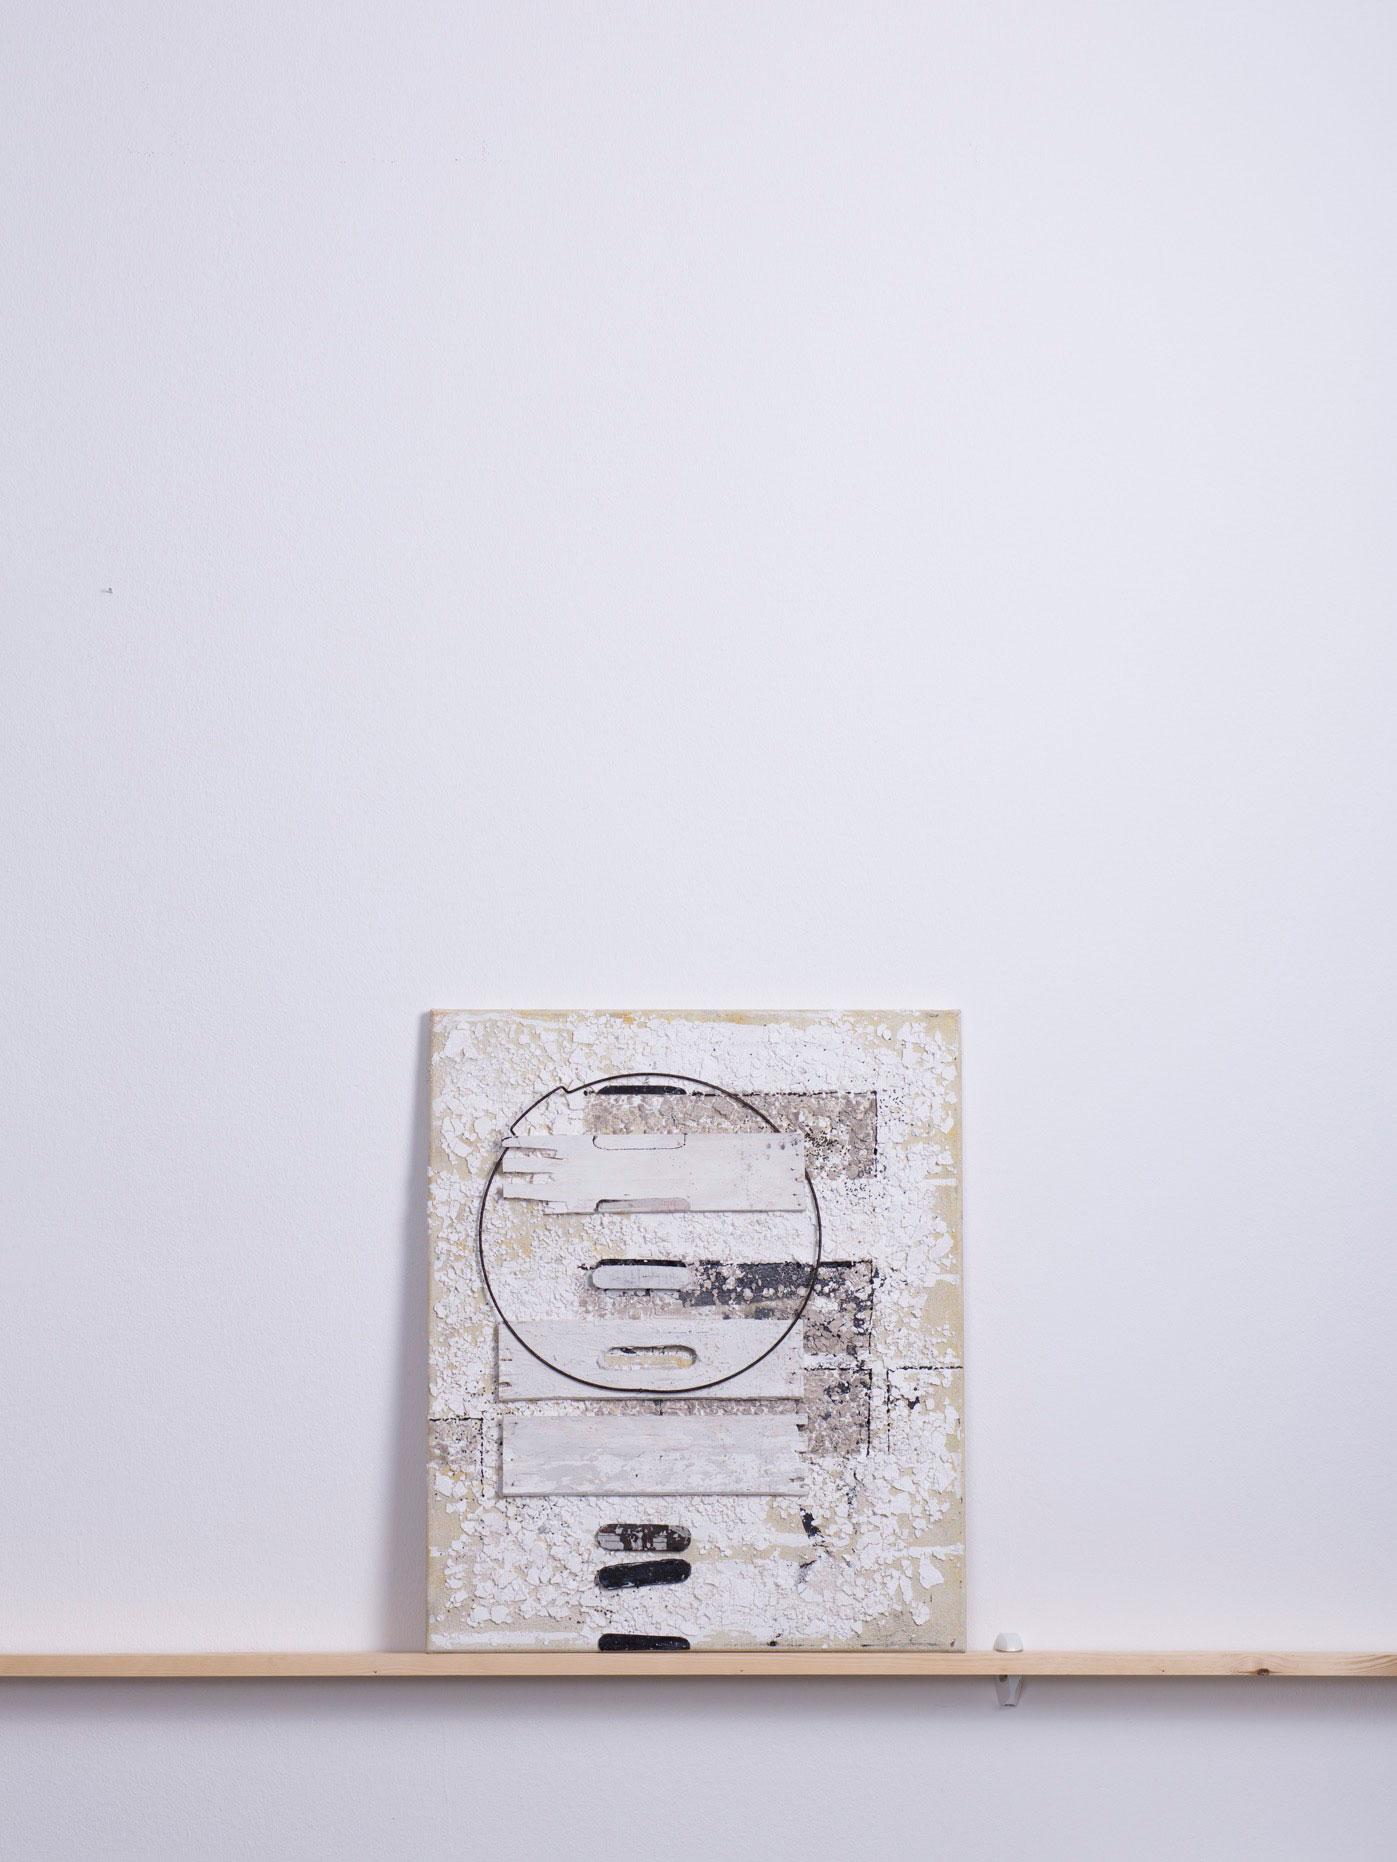 Kalkreis, 2011 - 50x60 cm, <br>Acryl, Holz und Draht auf Leinwand